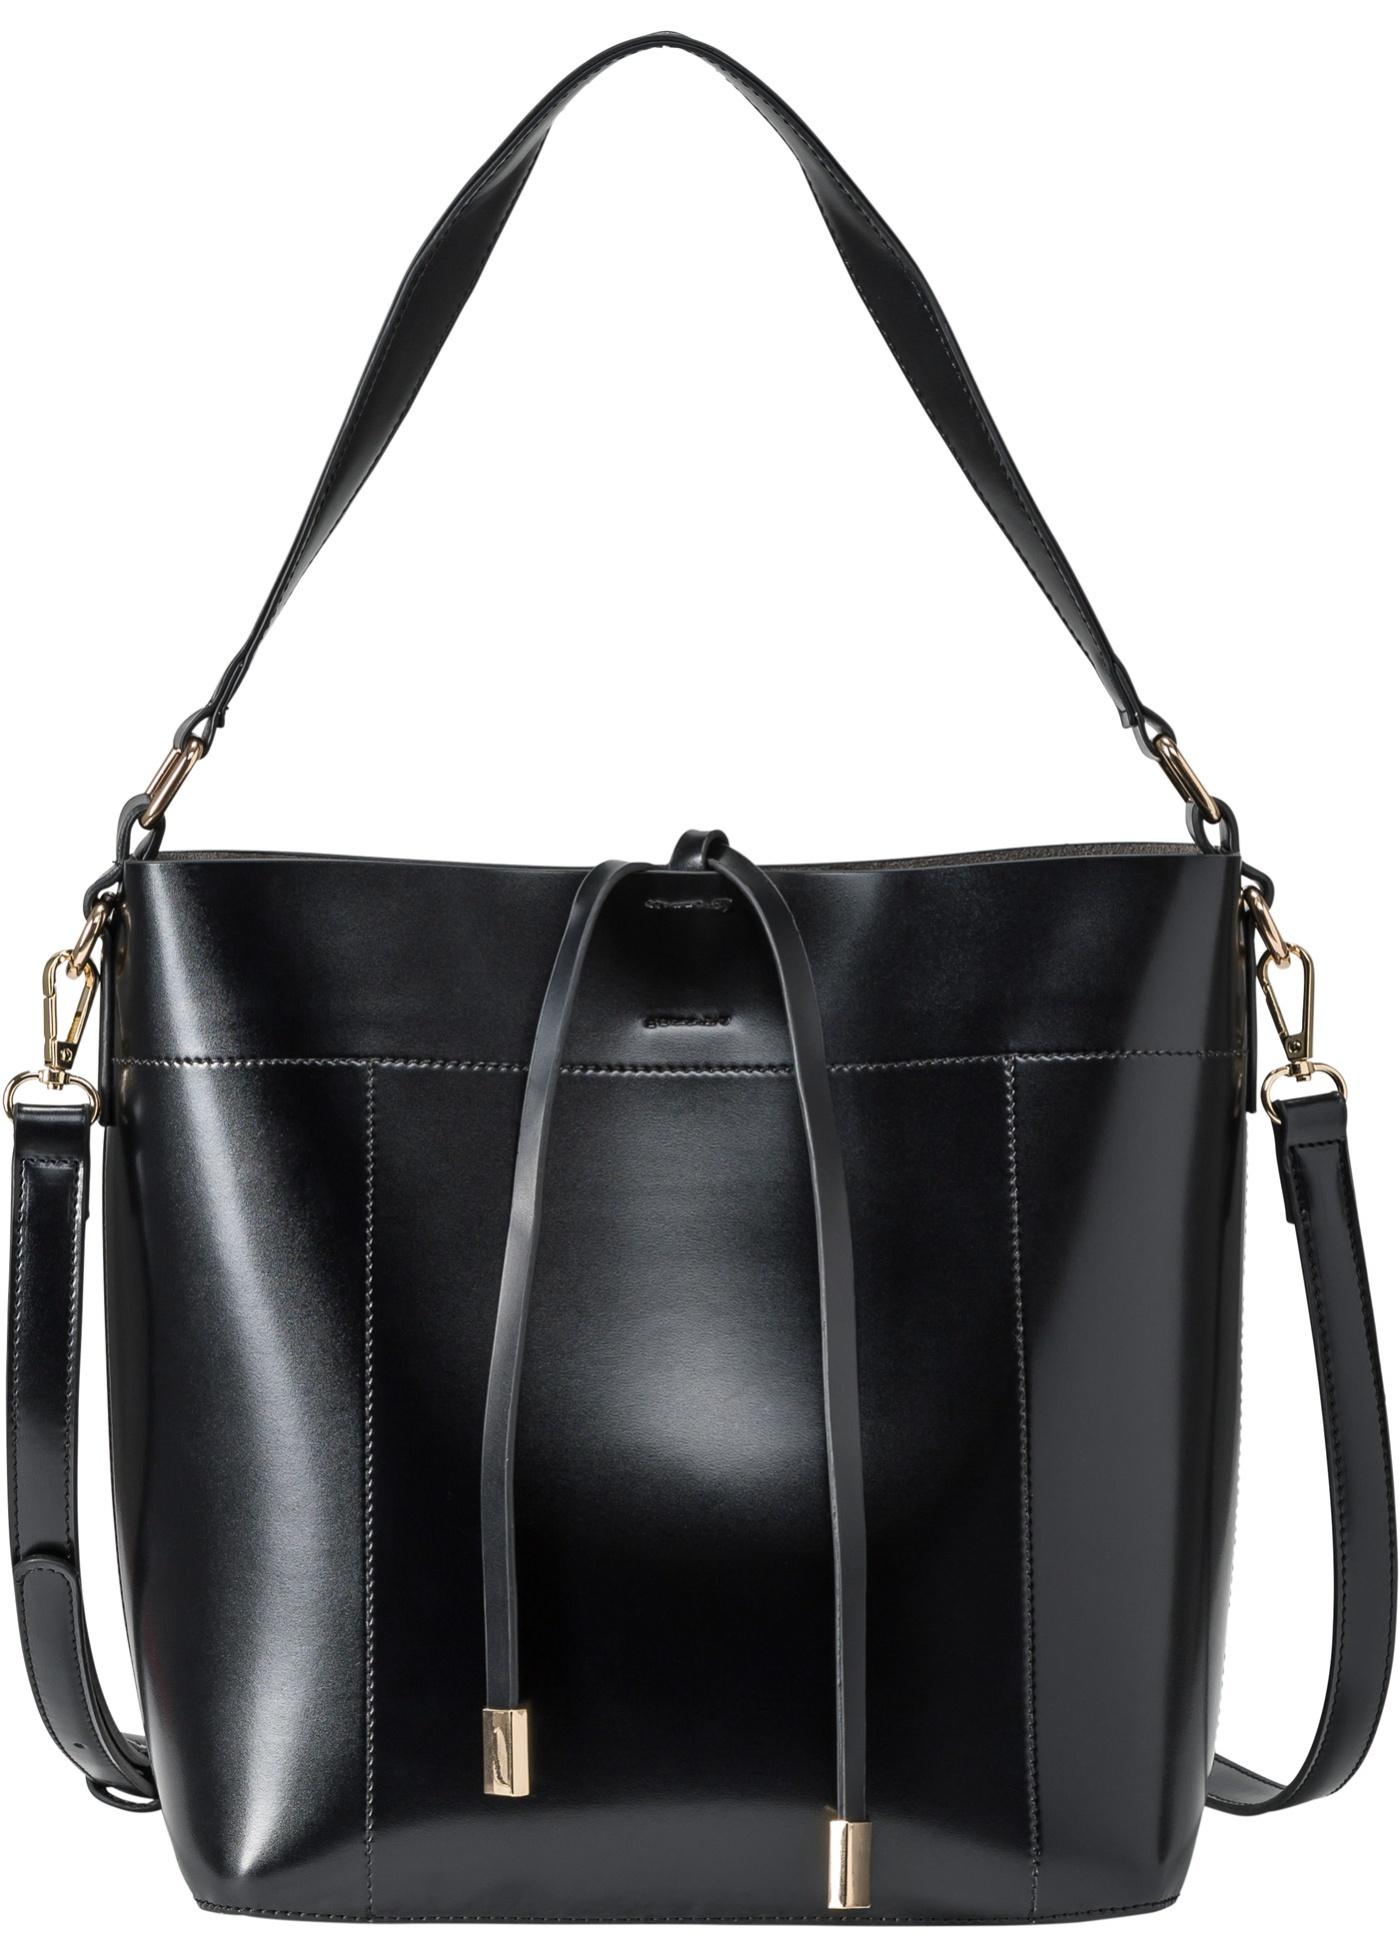 Ce sac de bpc est un accessoire polyvalent. Design sobre à la fois esthétique et pratique.